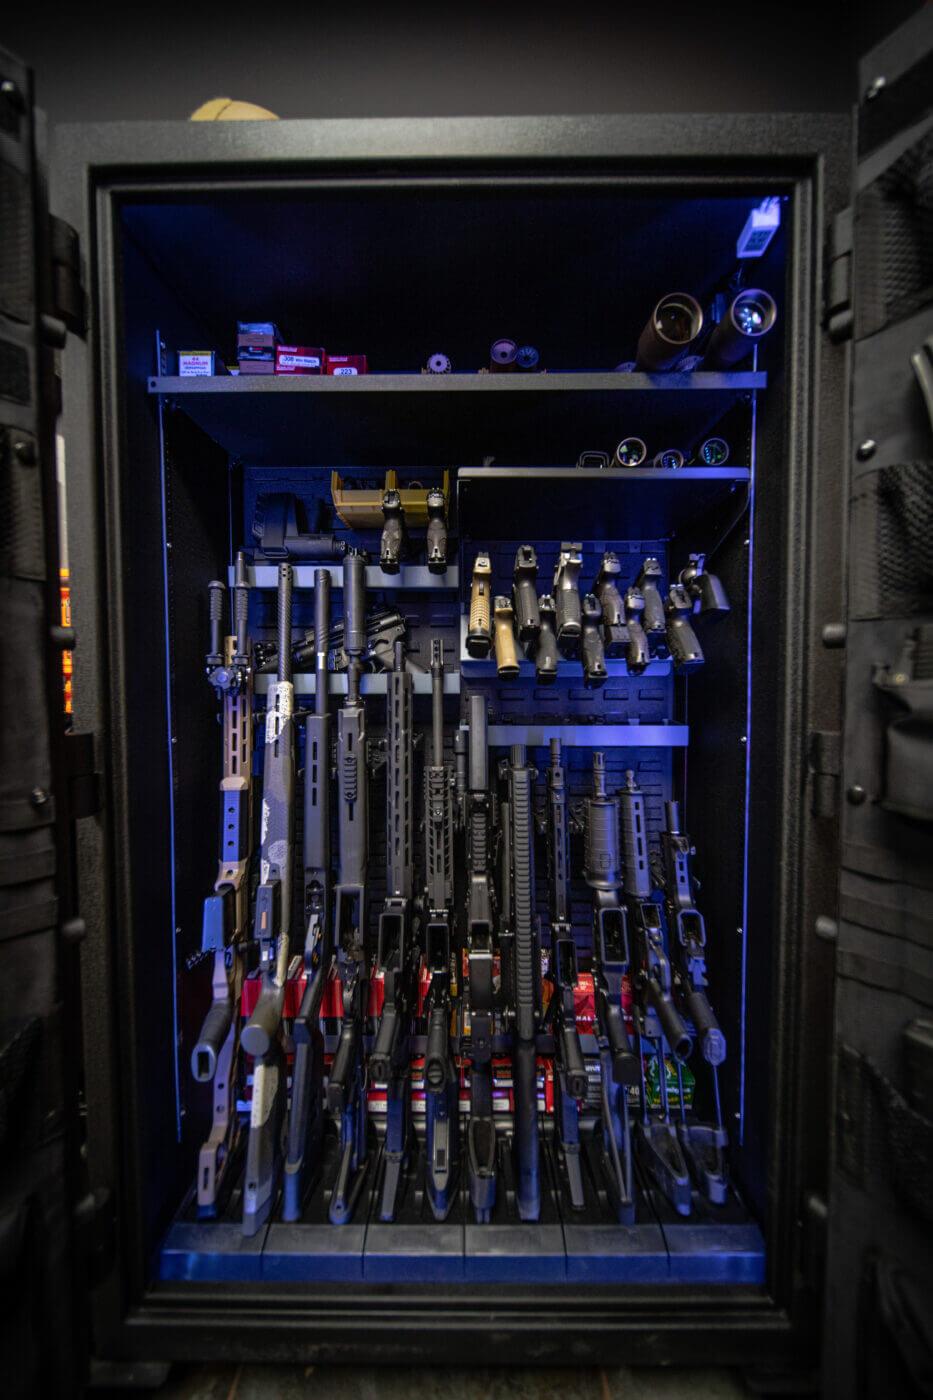 Common sense gun storage solution